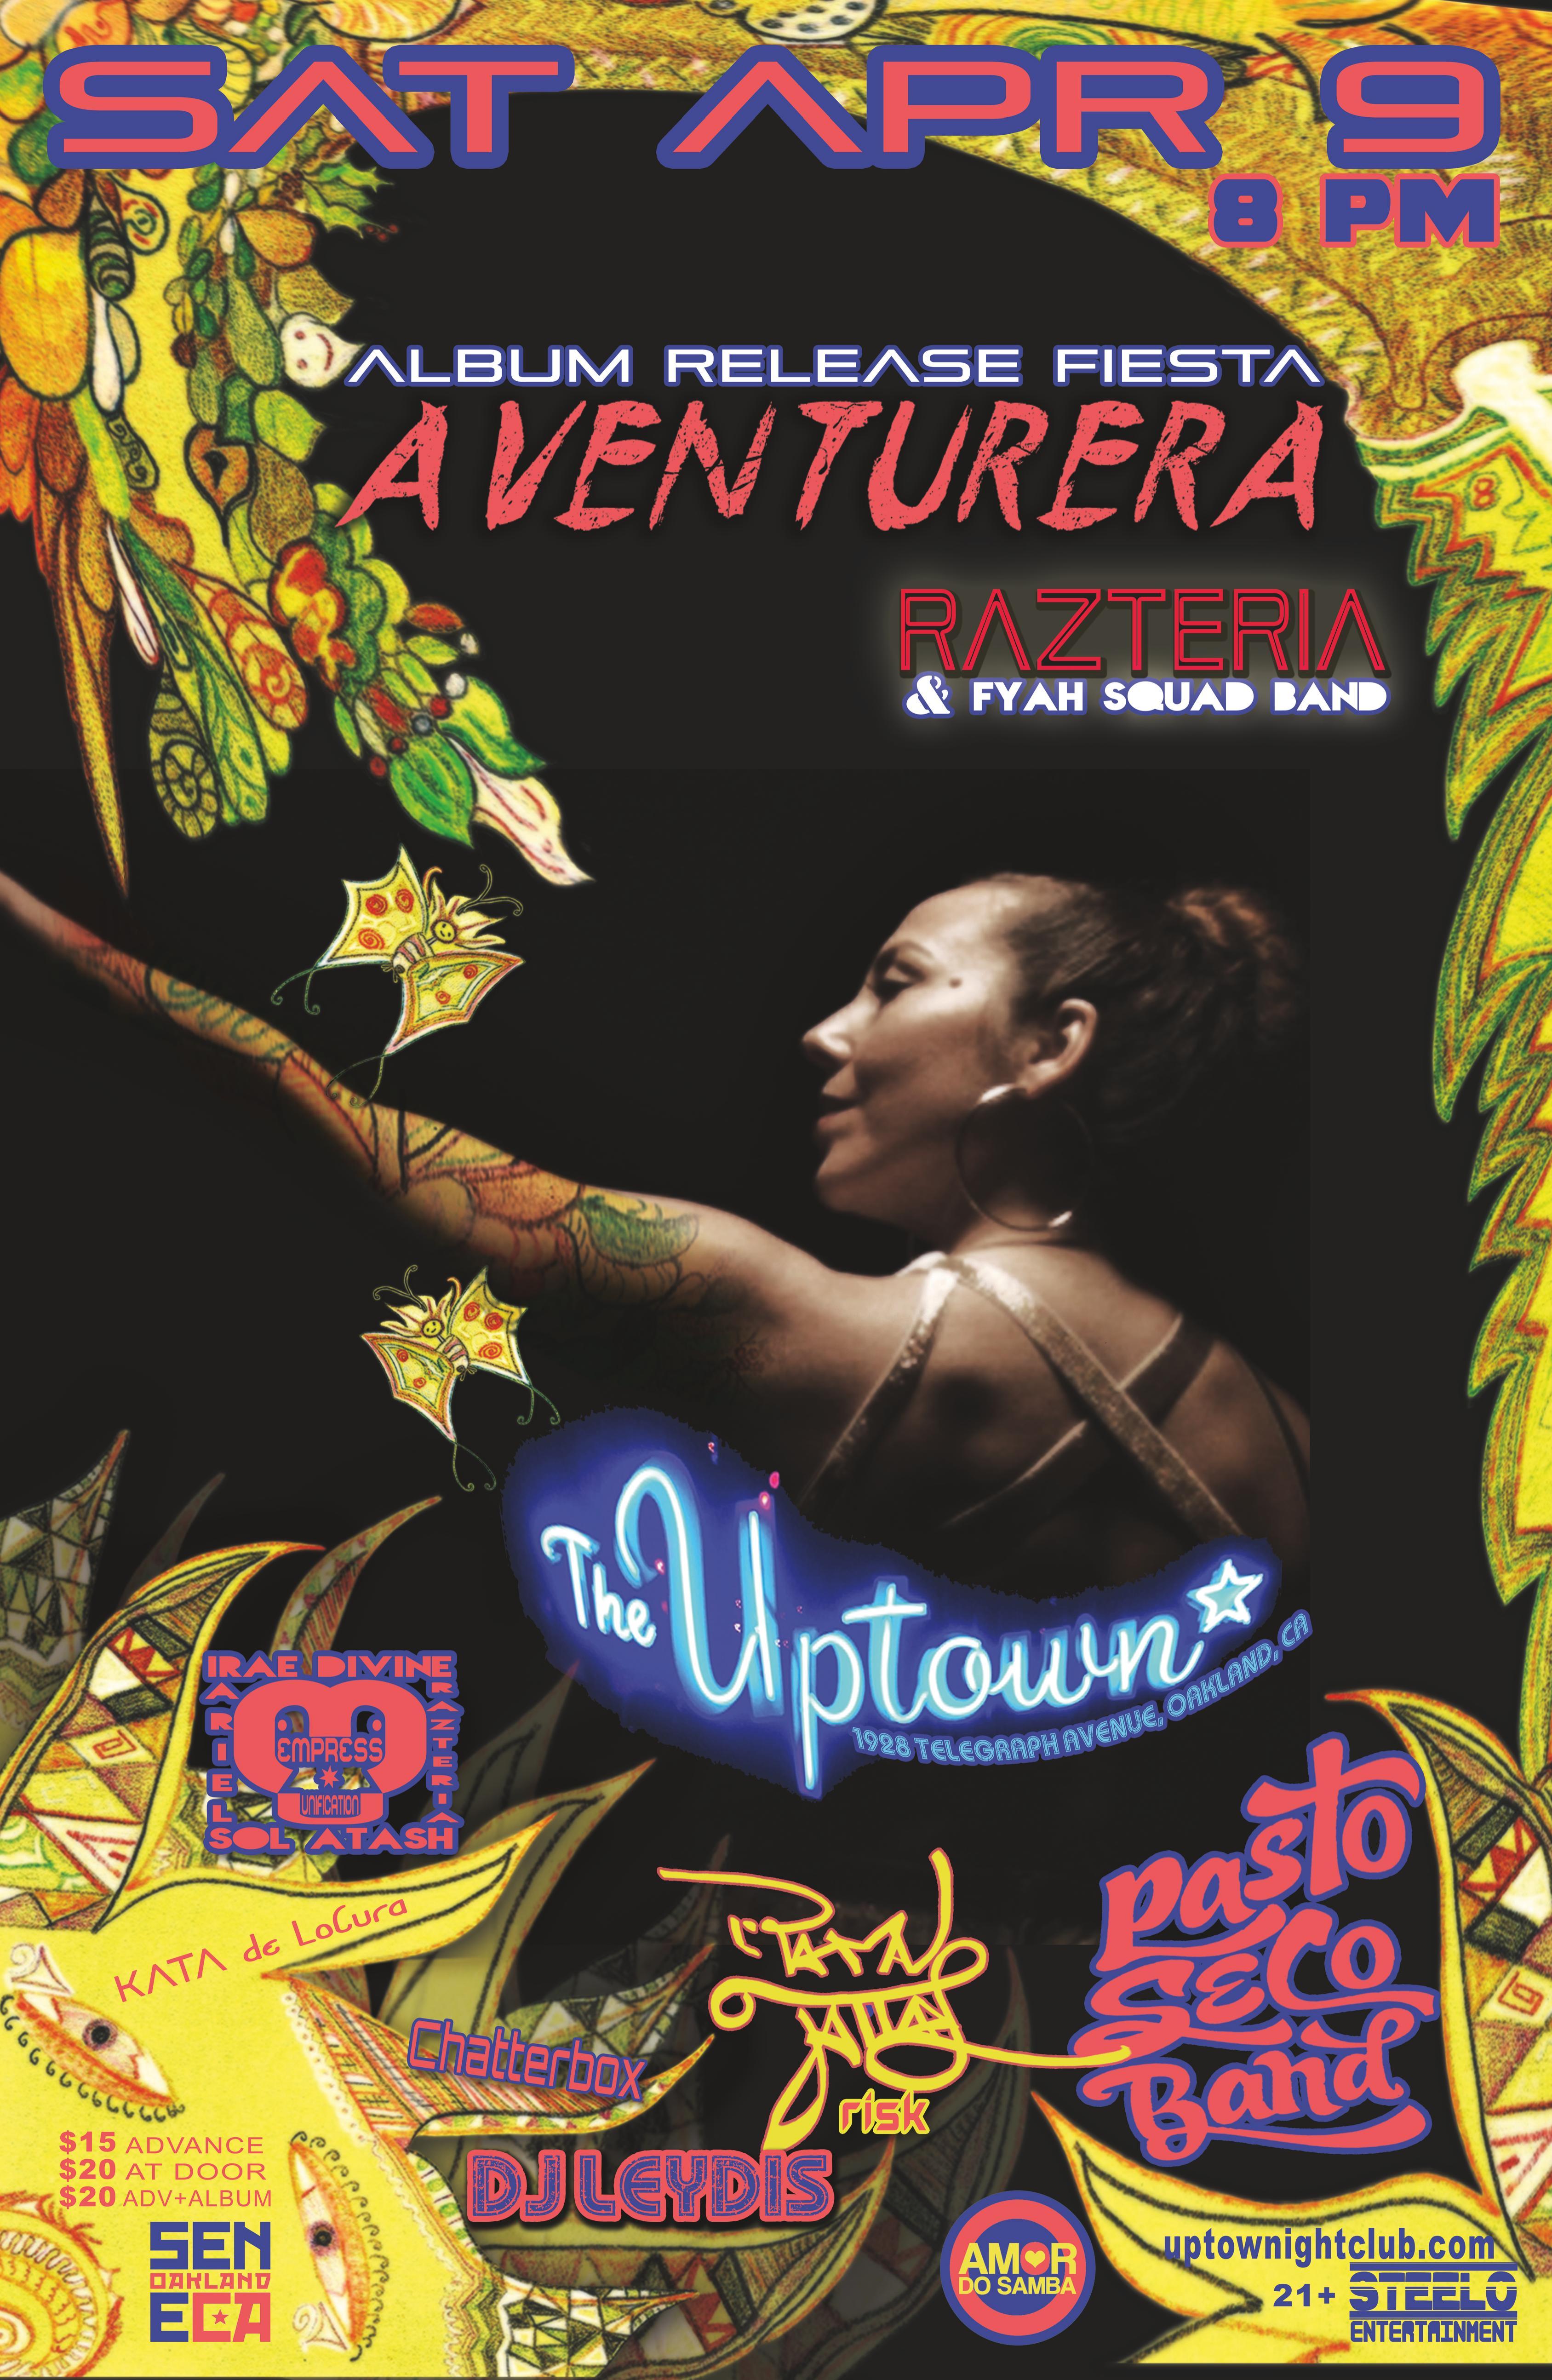 https://www.eventbrite.com/e/aventurera-album-release-show-live-tickets-21694171852